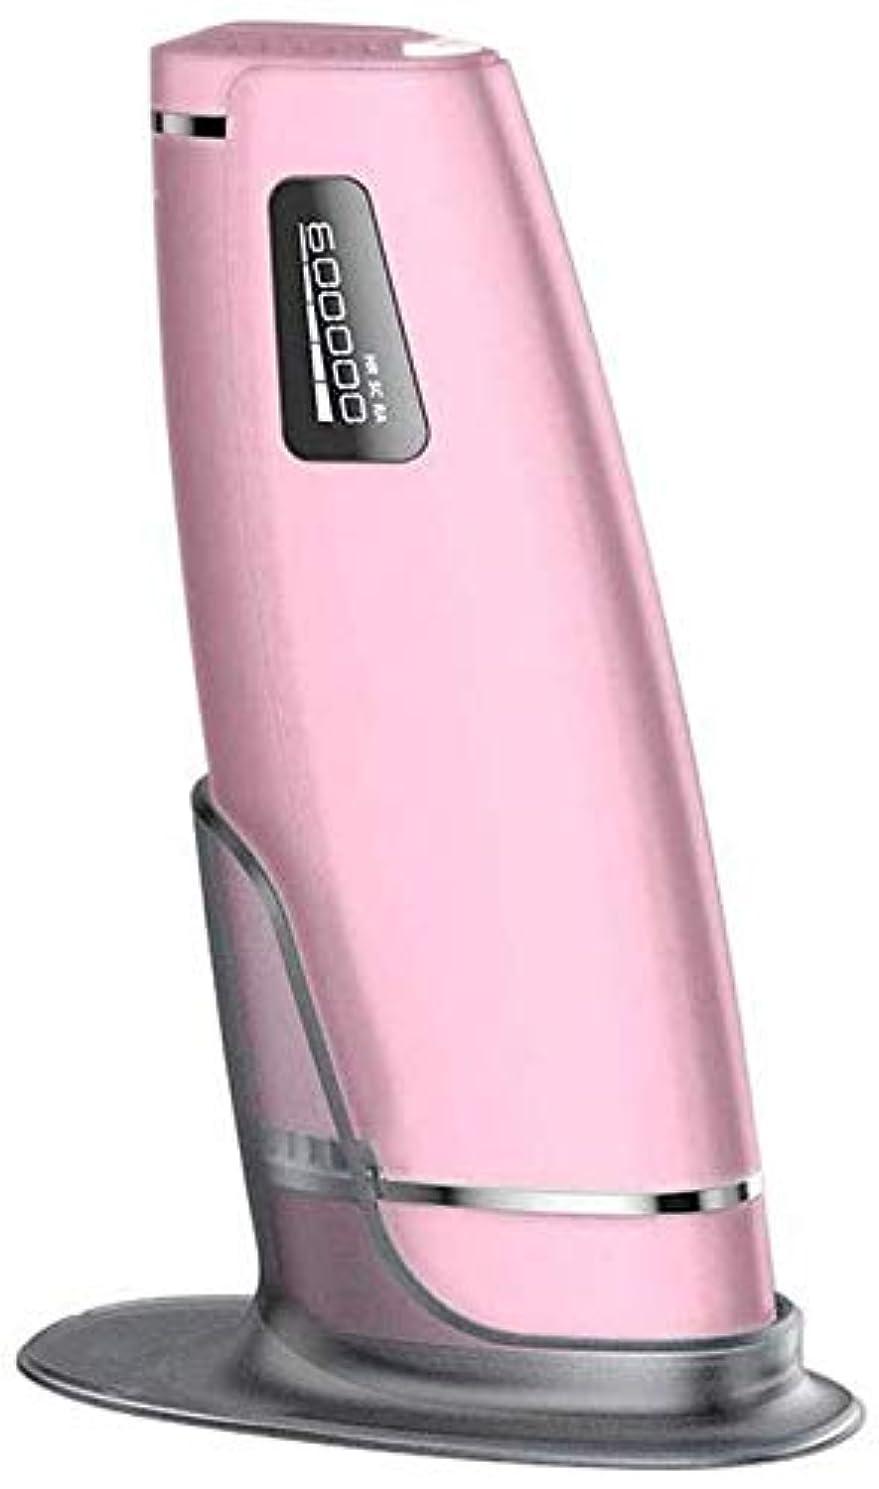 フレキシブル貼り直す雑草HABAIS 女性用脱毛システム、LCDスクリーン付き 600000 点滅 常設 レーザー脱毛器 ビキニライン/足/腕/脇の下,Pink